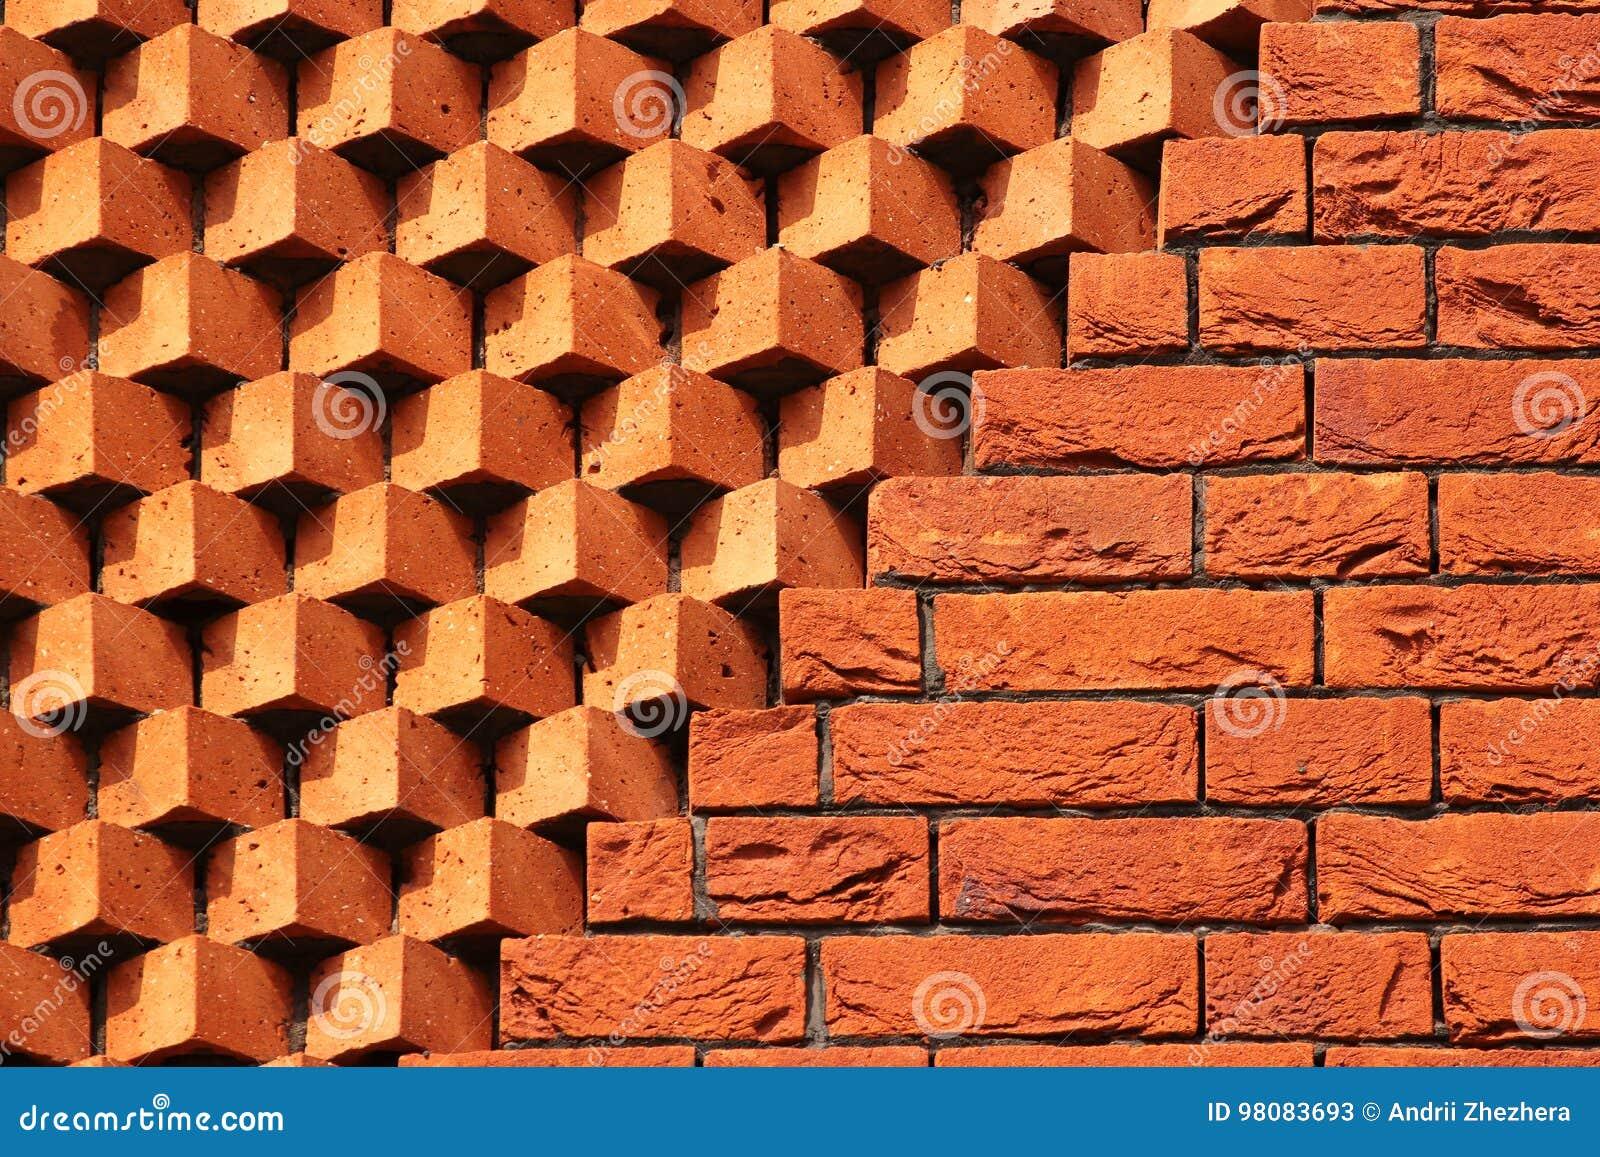 Muratura del modello del dente di sega Muro di mattoni rosso decorativo come fondo